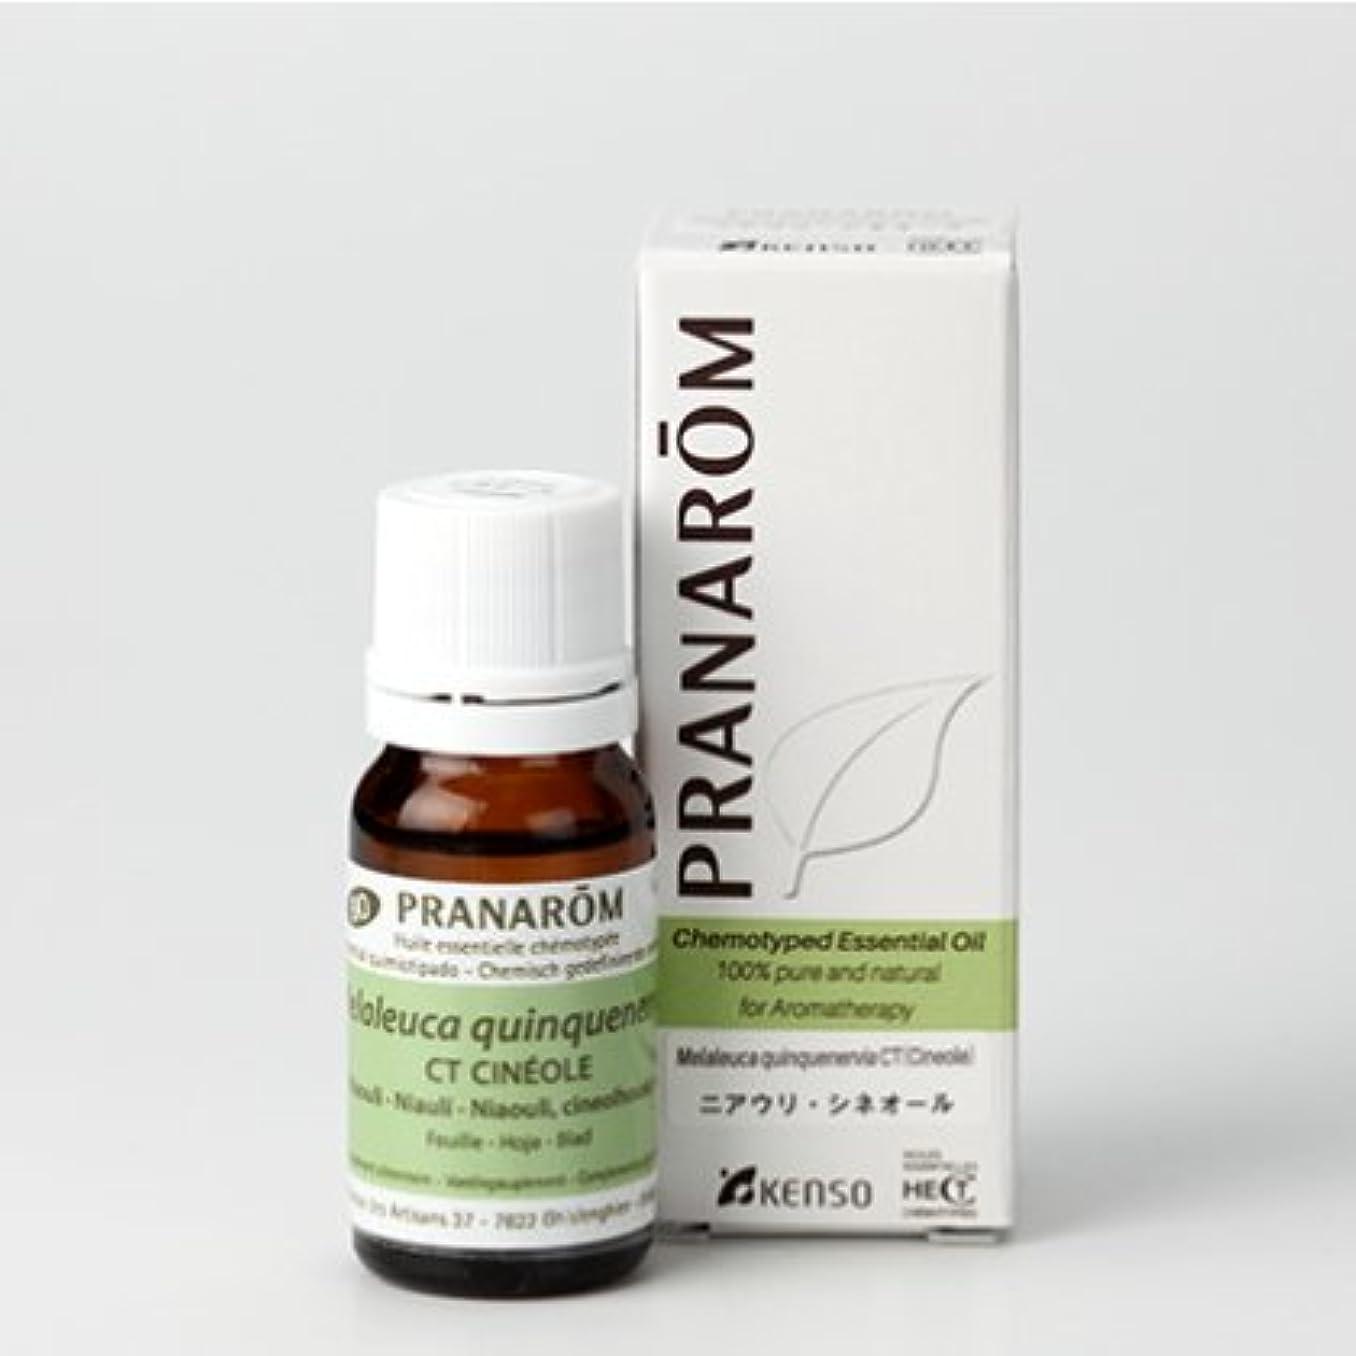 透けるそれにもかかわらず防腐剤プラナロム エッセンシャルオイル ニアウリCT1 10ml